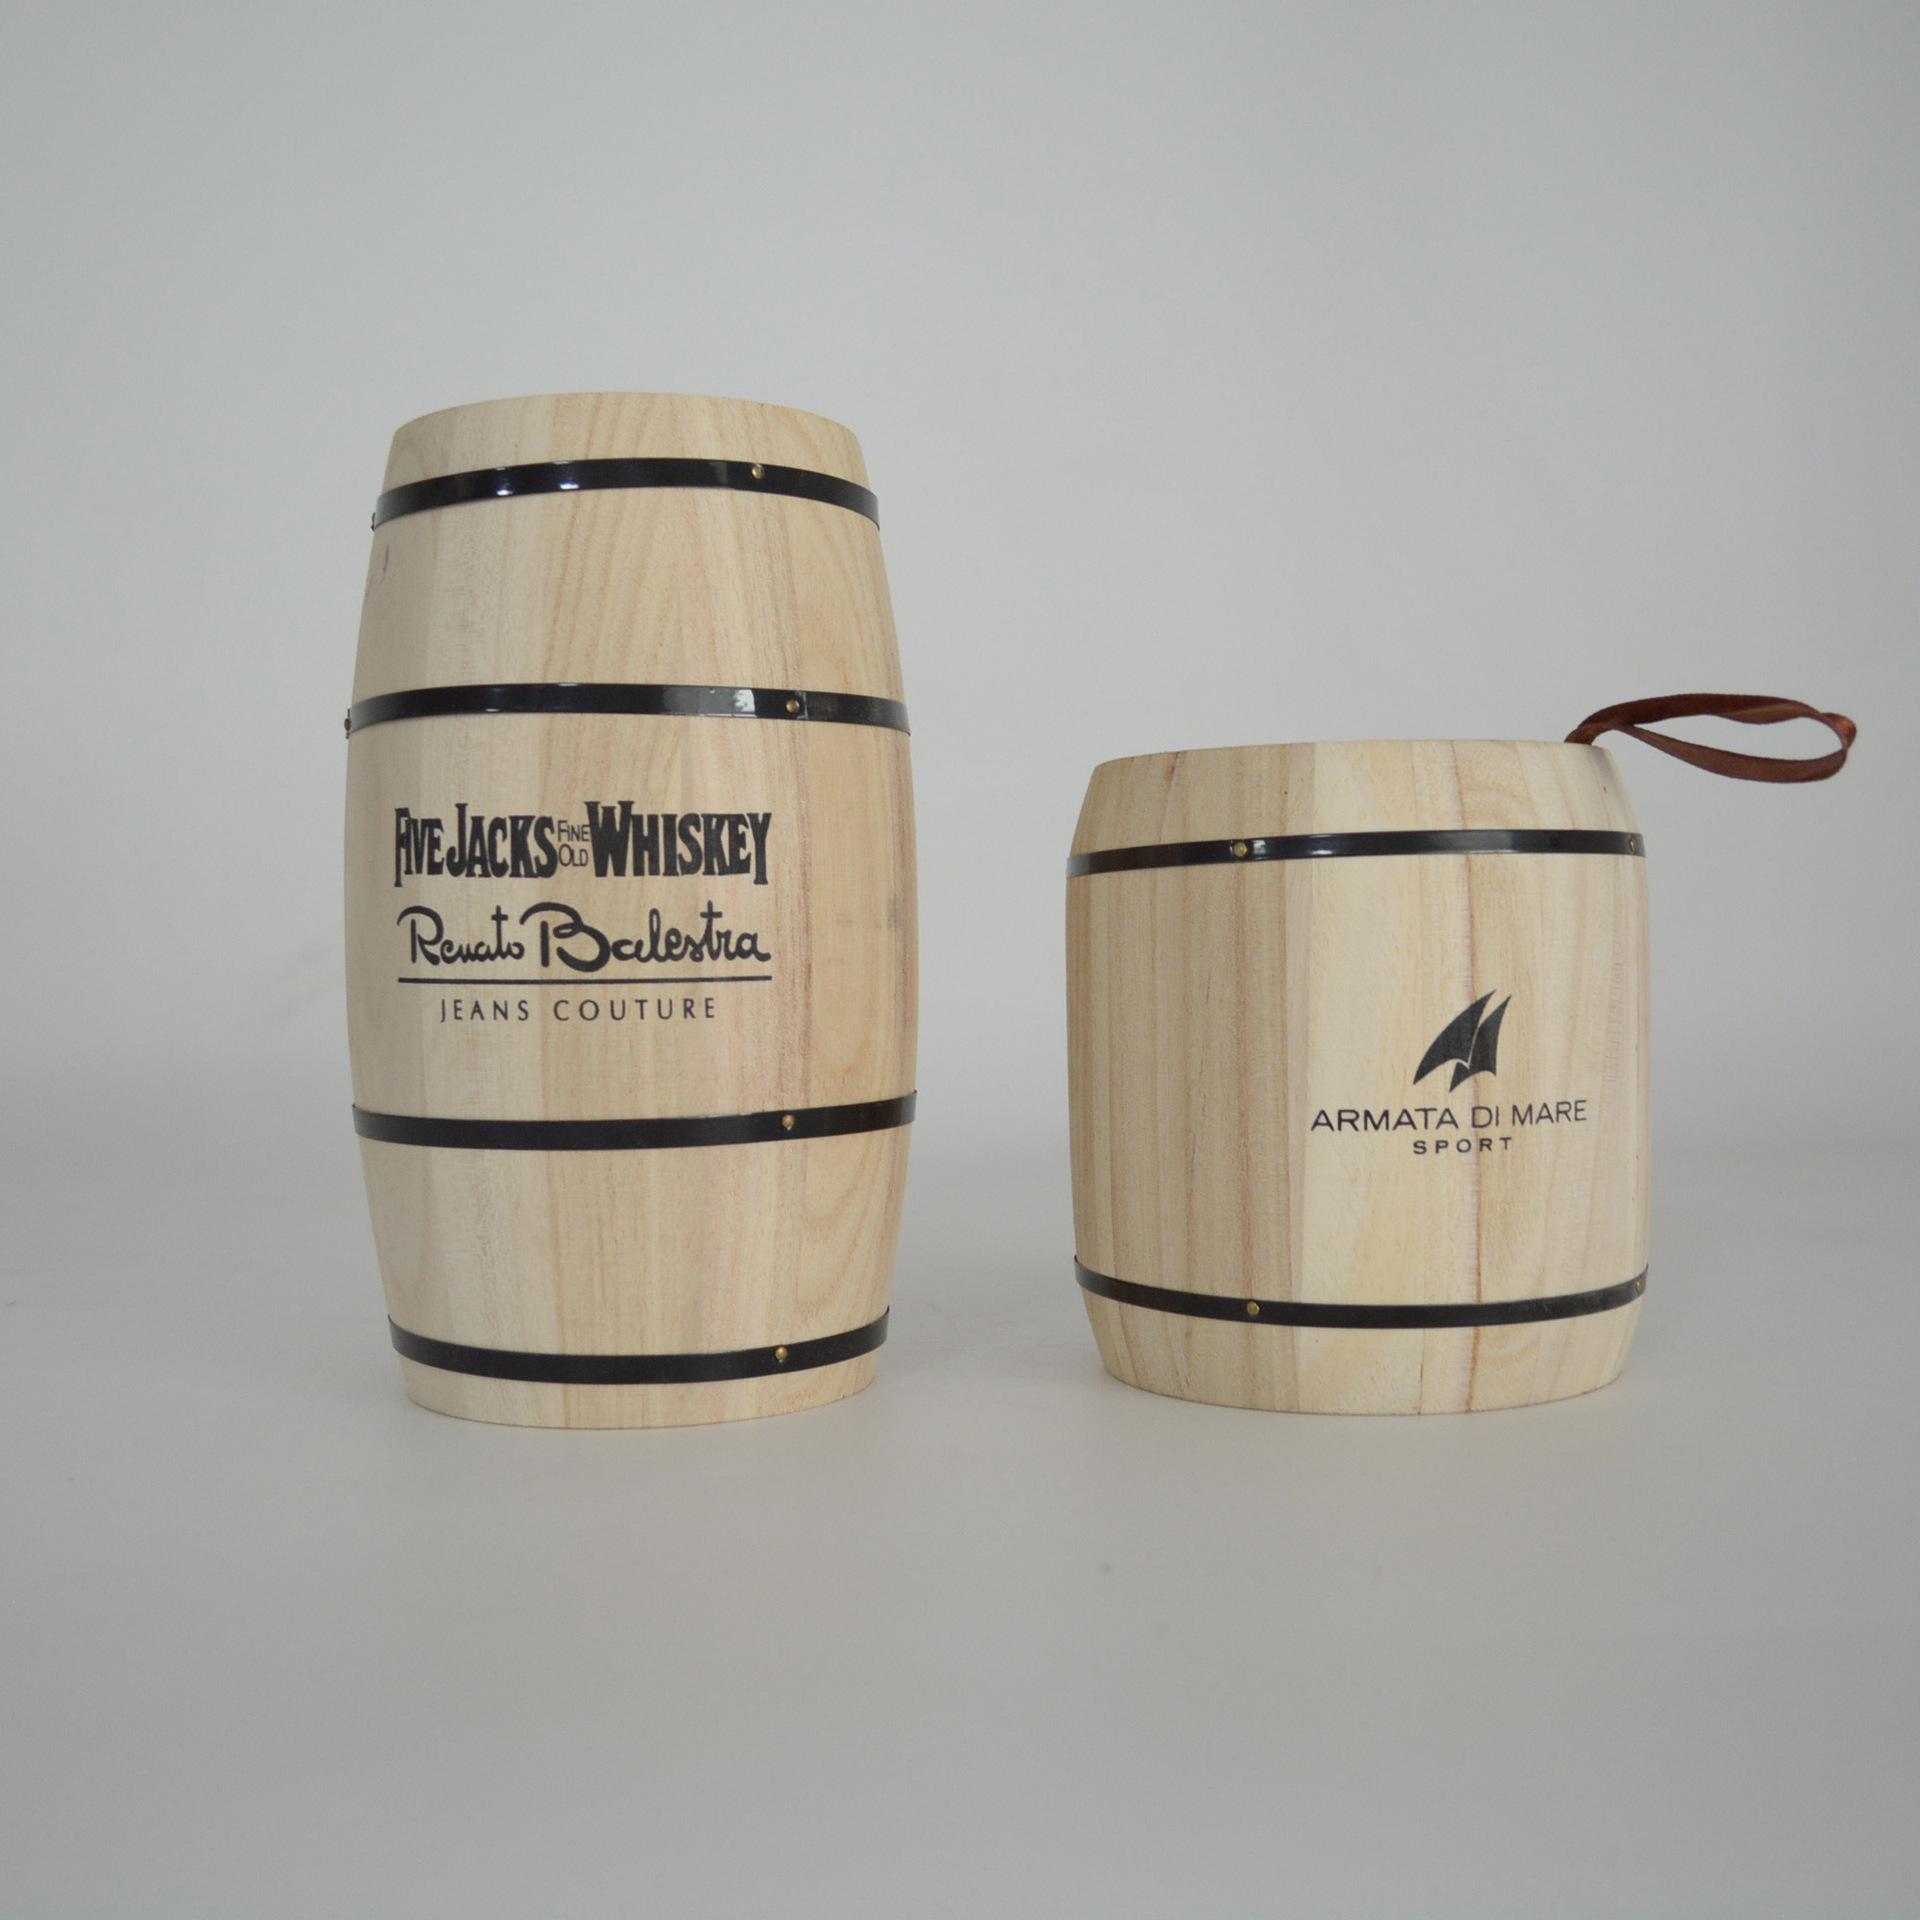 精品推荐仿古普洱包装木桶精品包装木制茶叶桶实木茶叶罐厂家直销